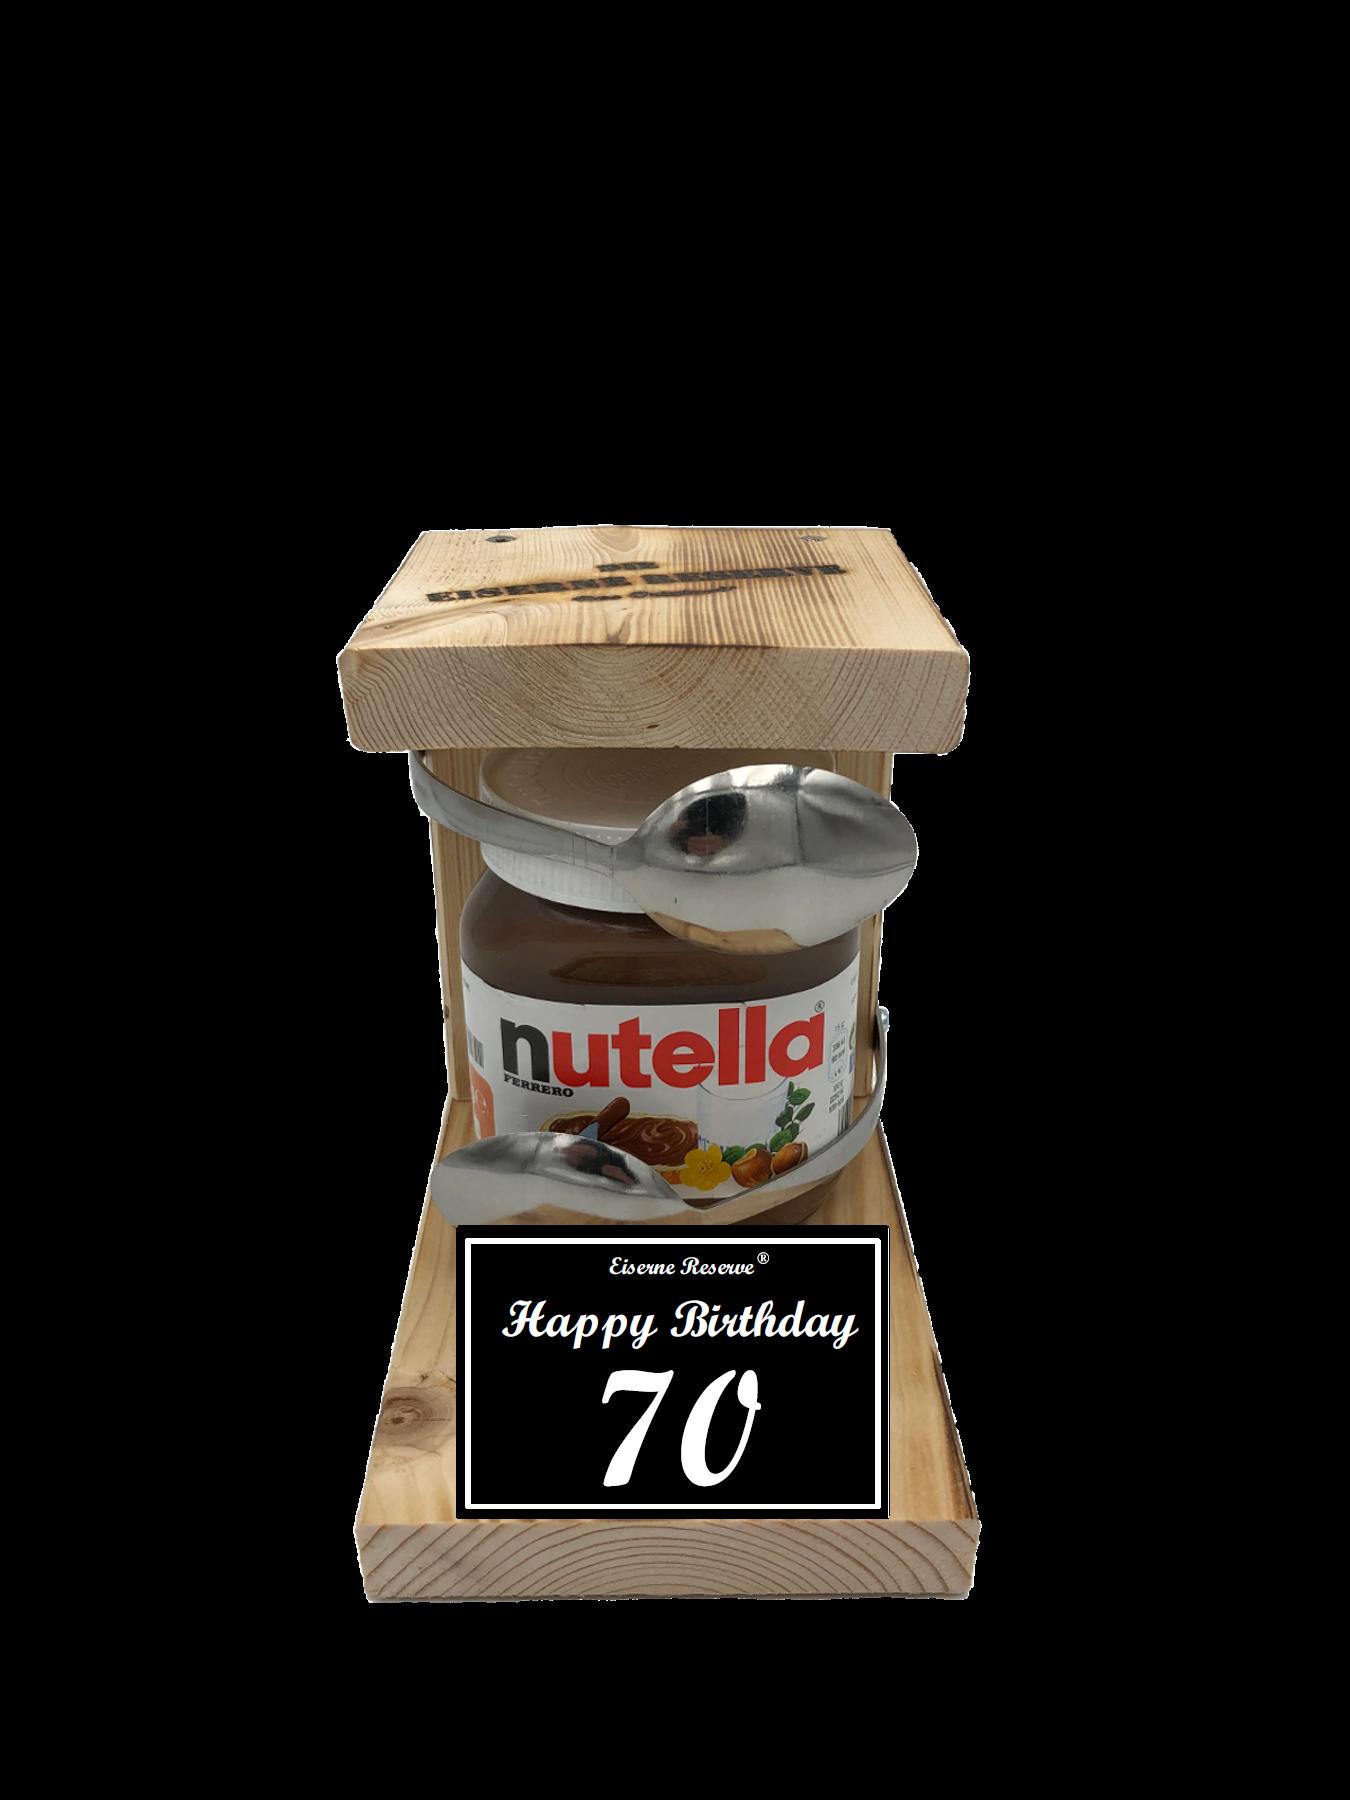 70 Happy Birthday Löffel Nutella Geschenk - Die Nutella Geschenkidee